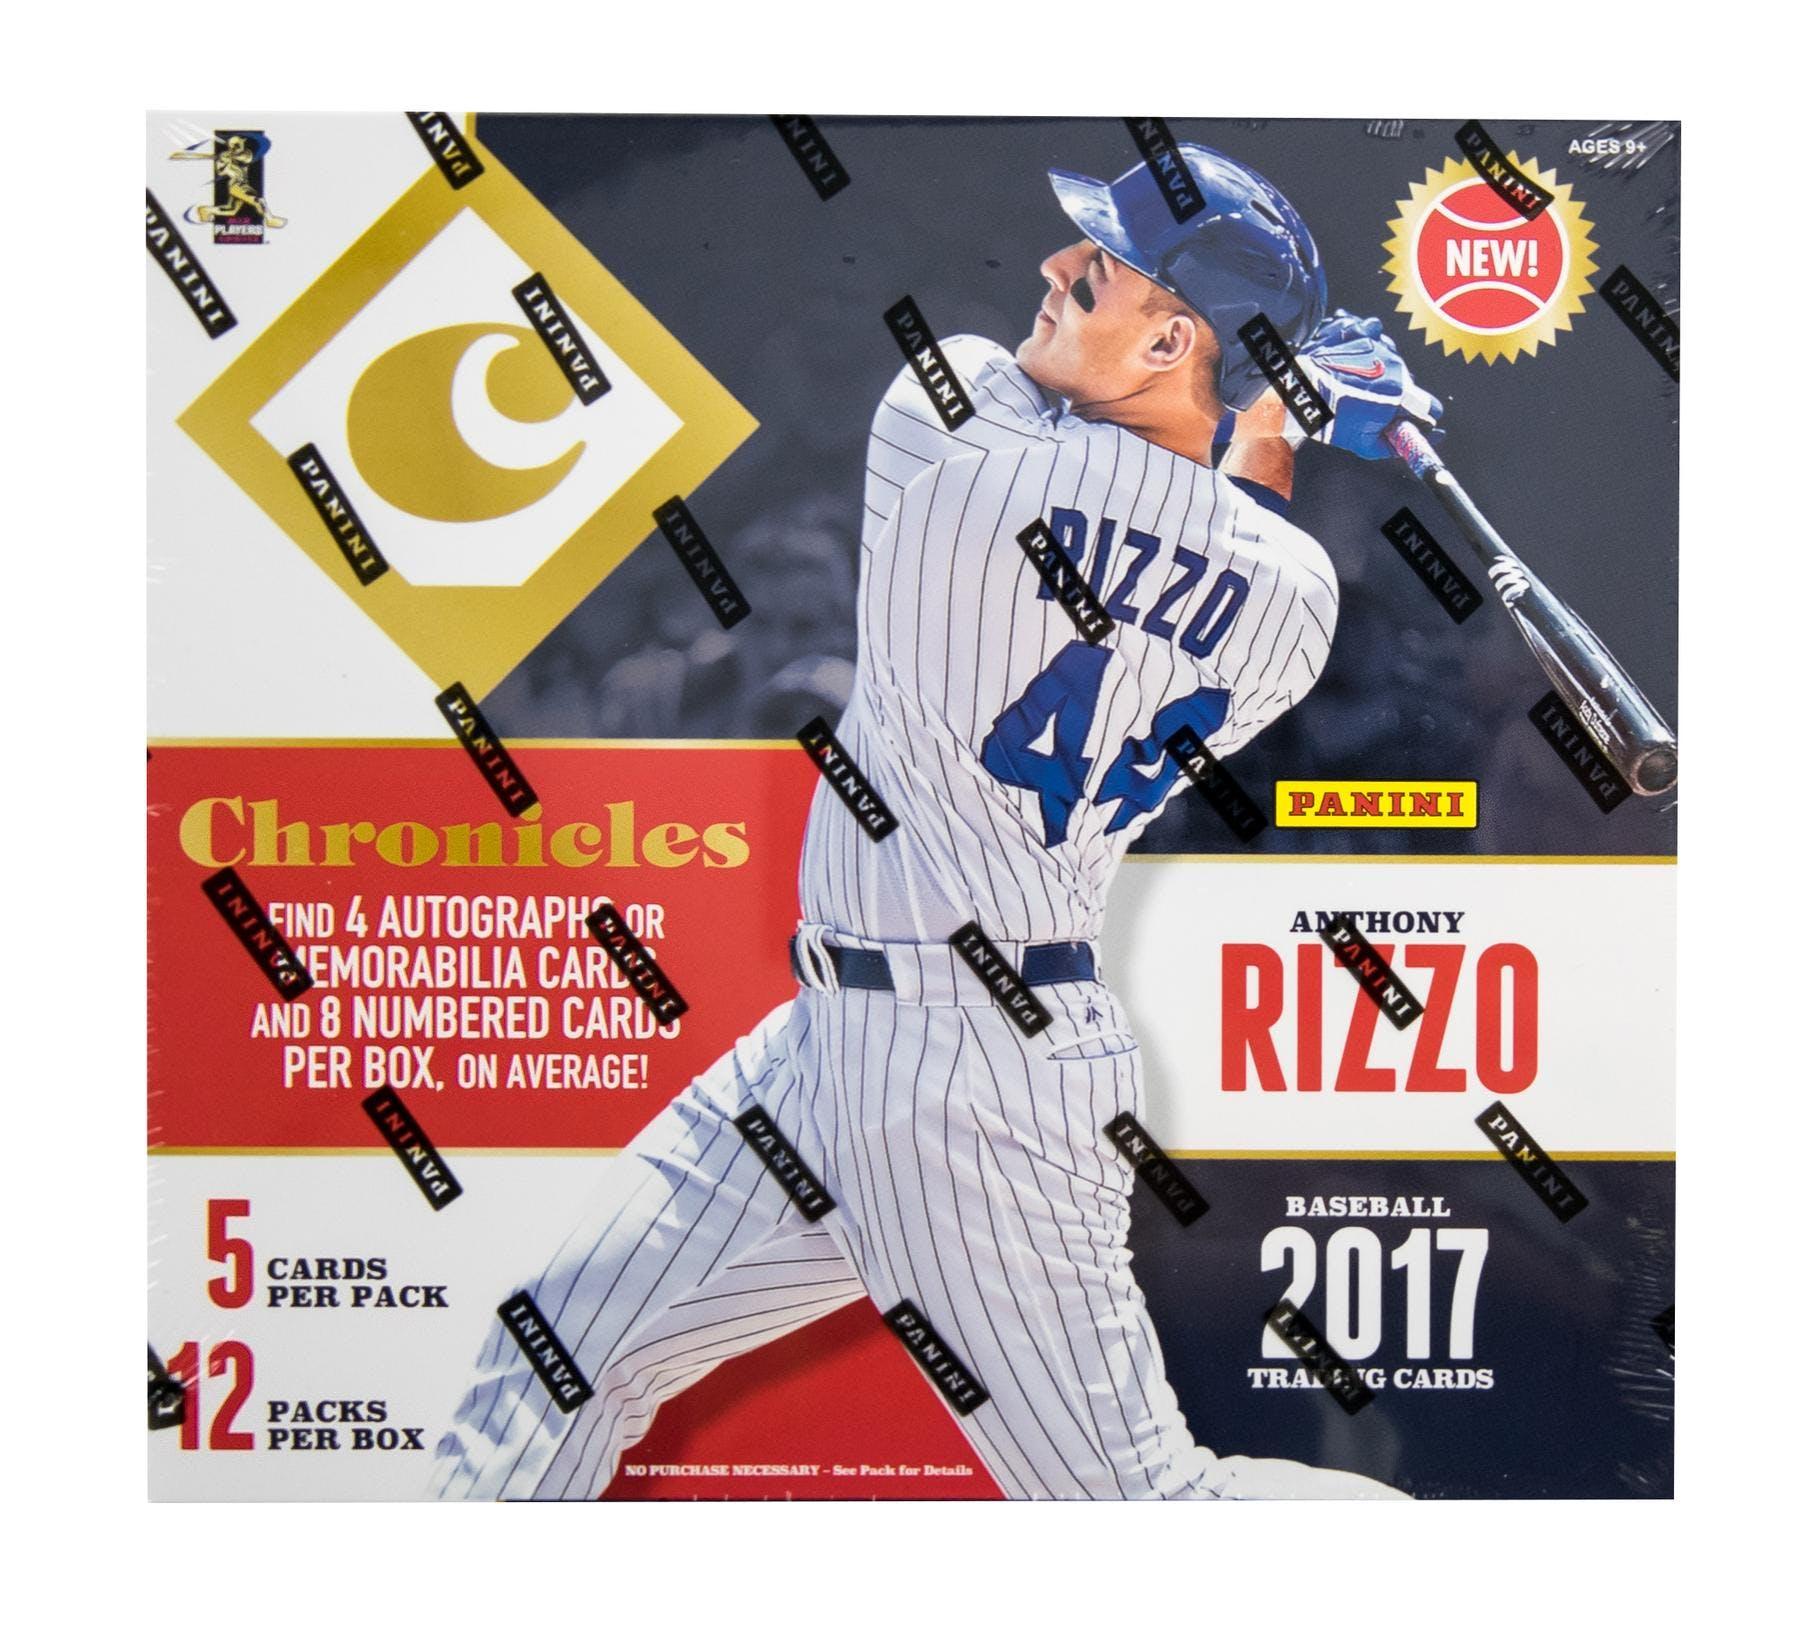 2017 Panini Chronicles Baseball Hobby Box Da Card World